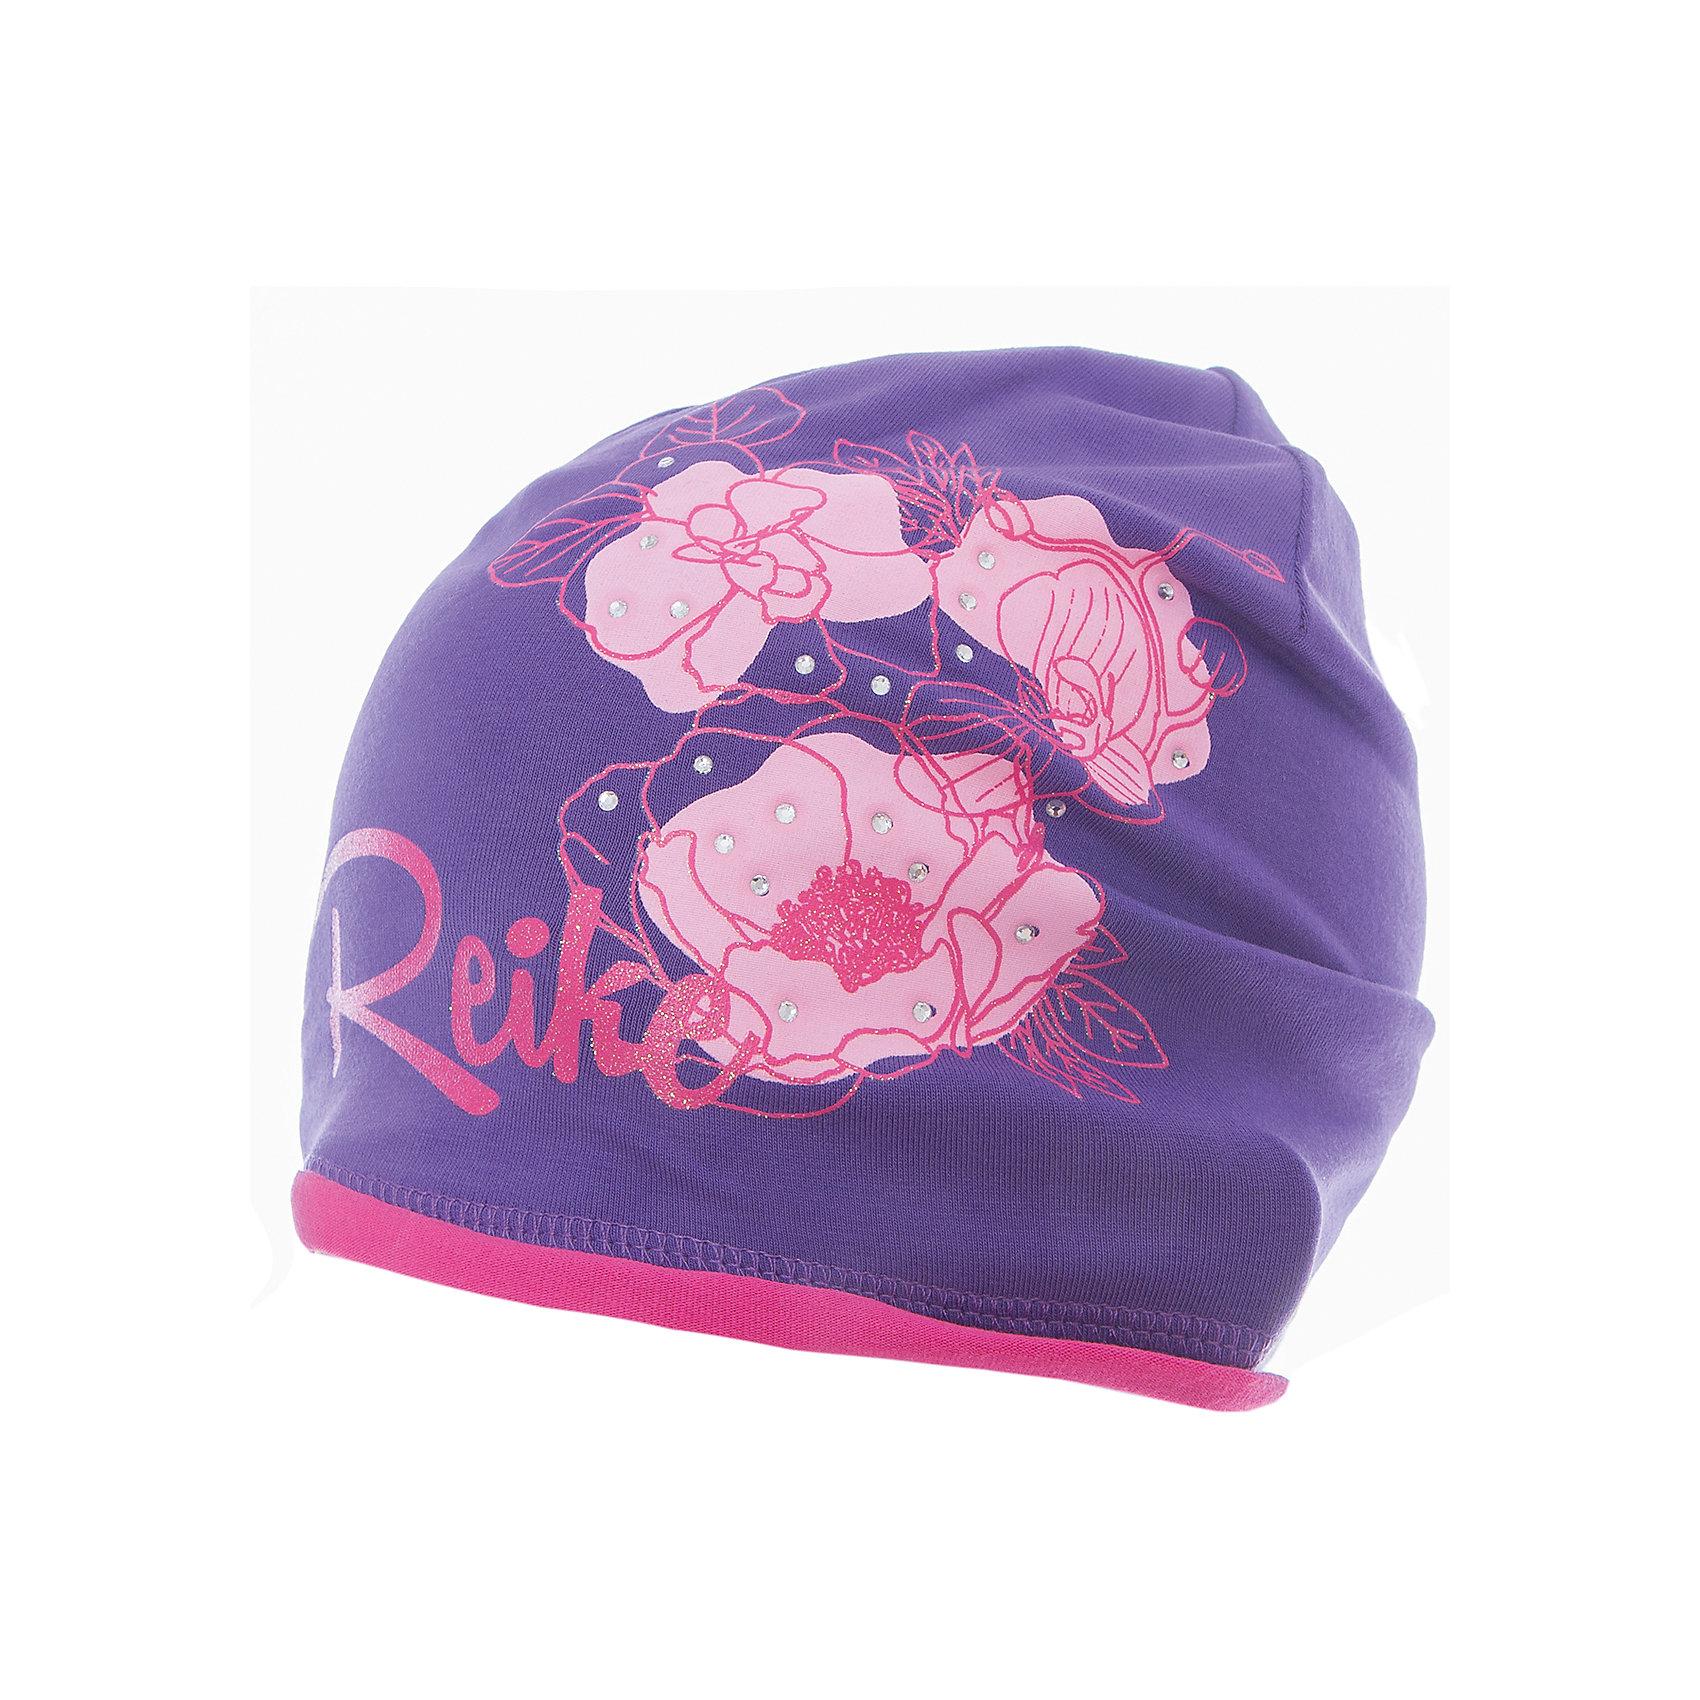 Шапка Reike для девочкиШапки и шарфы<br>Характеристики товара:<br><br>• цвет: фиолетовый<br>• состав: 97% хлопок, 3% полиуретан<br>• без подкладки<br>• температурный режим: от +7С до +15С<br>• декорирована принтом и стразами<br>• мягкий материал<br>• страна бренда: Финляндия<br><br>Новая коллекция от известного финского производителя Reike отличается ярким дизайном, продуманностью и комфортом! Эта модель разработана специально для детей - она учитывает особенности их физиологии, а также новые тенденции в европейской моде. Она отлично сочетается с обувью разных цветов и фасонов. Стильная и удобная вещь!<br><br>Шапку для девочки от популярного бренда Reike можно купить в нашем интернет-магазине.<br><br>Ширина мм: 89<br>Глубина мм: 117<br>Высота мм: 44<br>Вес г: 155<br>Цвет: лиловый<br>Возраст от месяцев: 0<br>Возраст до месяцев: 3<br>Пол: Женский<br>Возраст: Детский<br>Размер: 56,52,54<br>SKU: 5430202